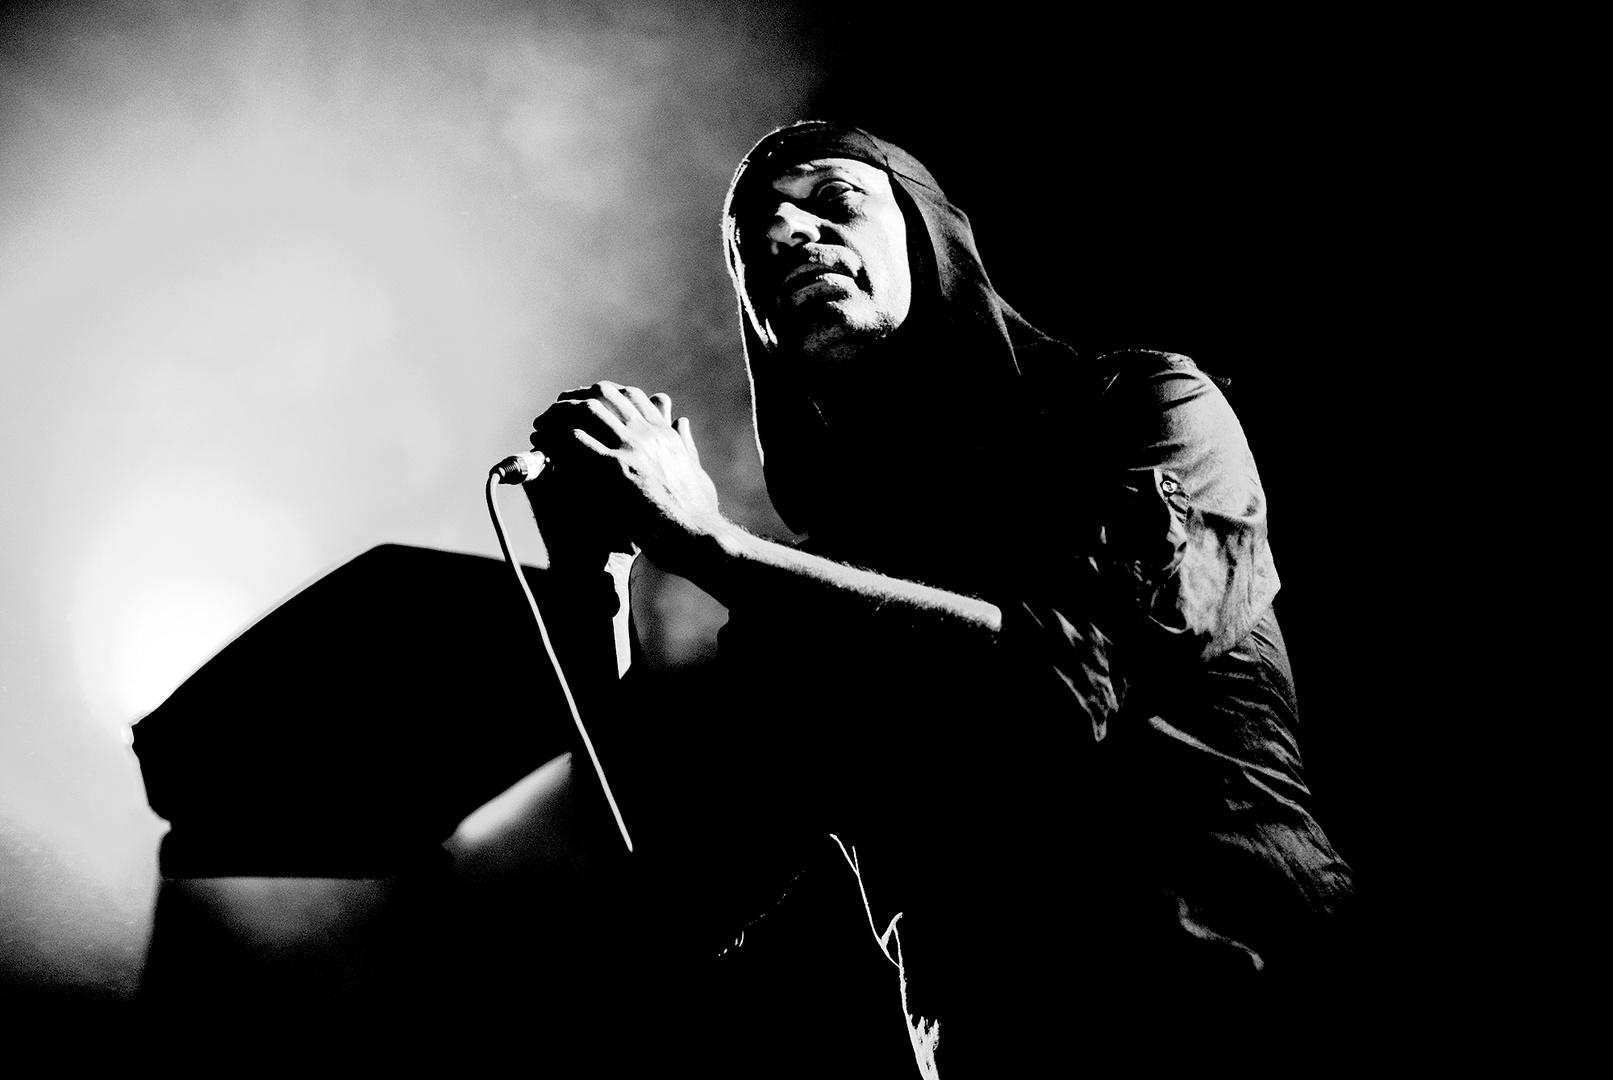 Milan Fras, Laibach